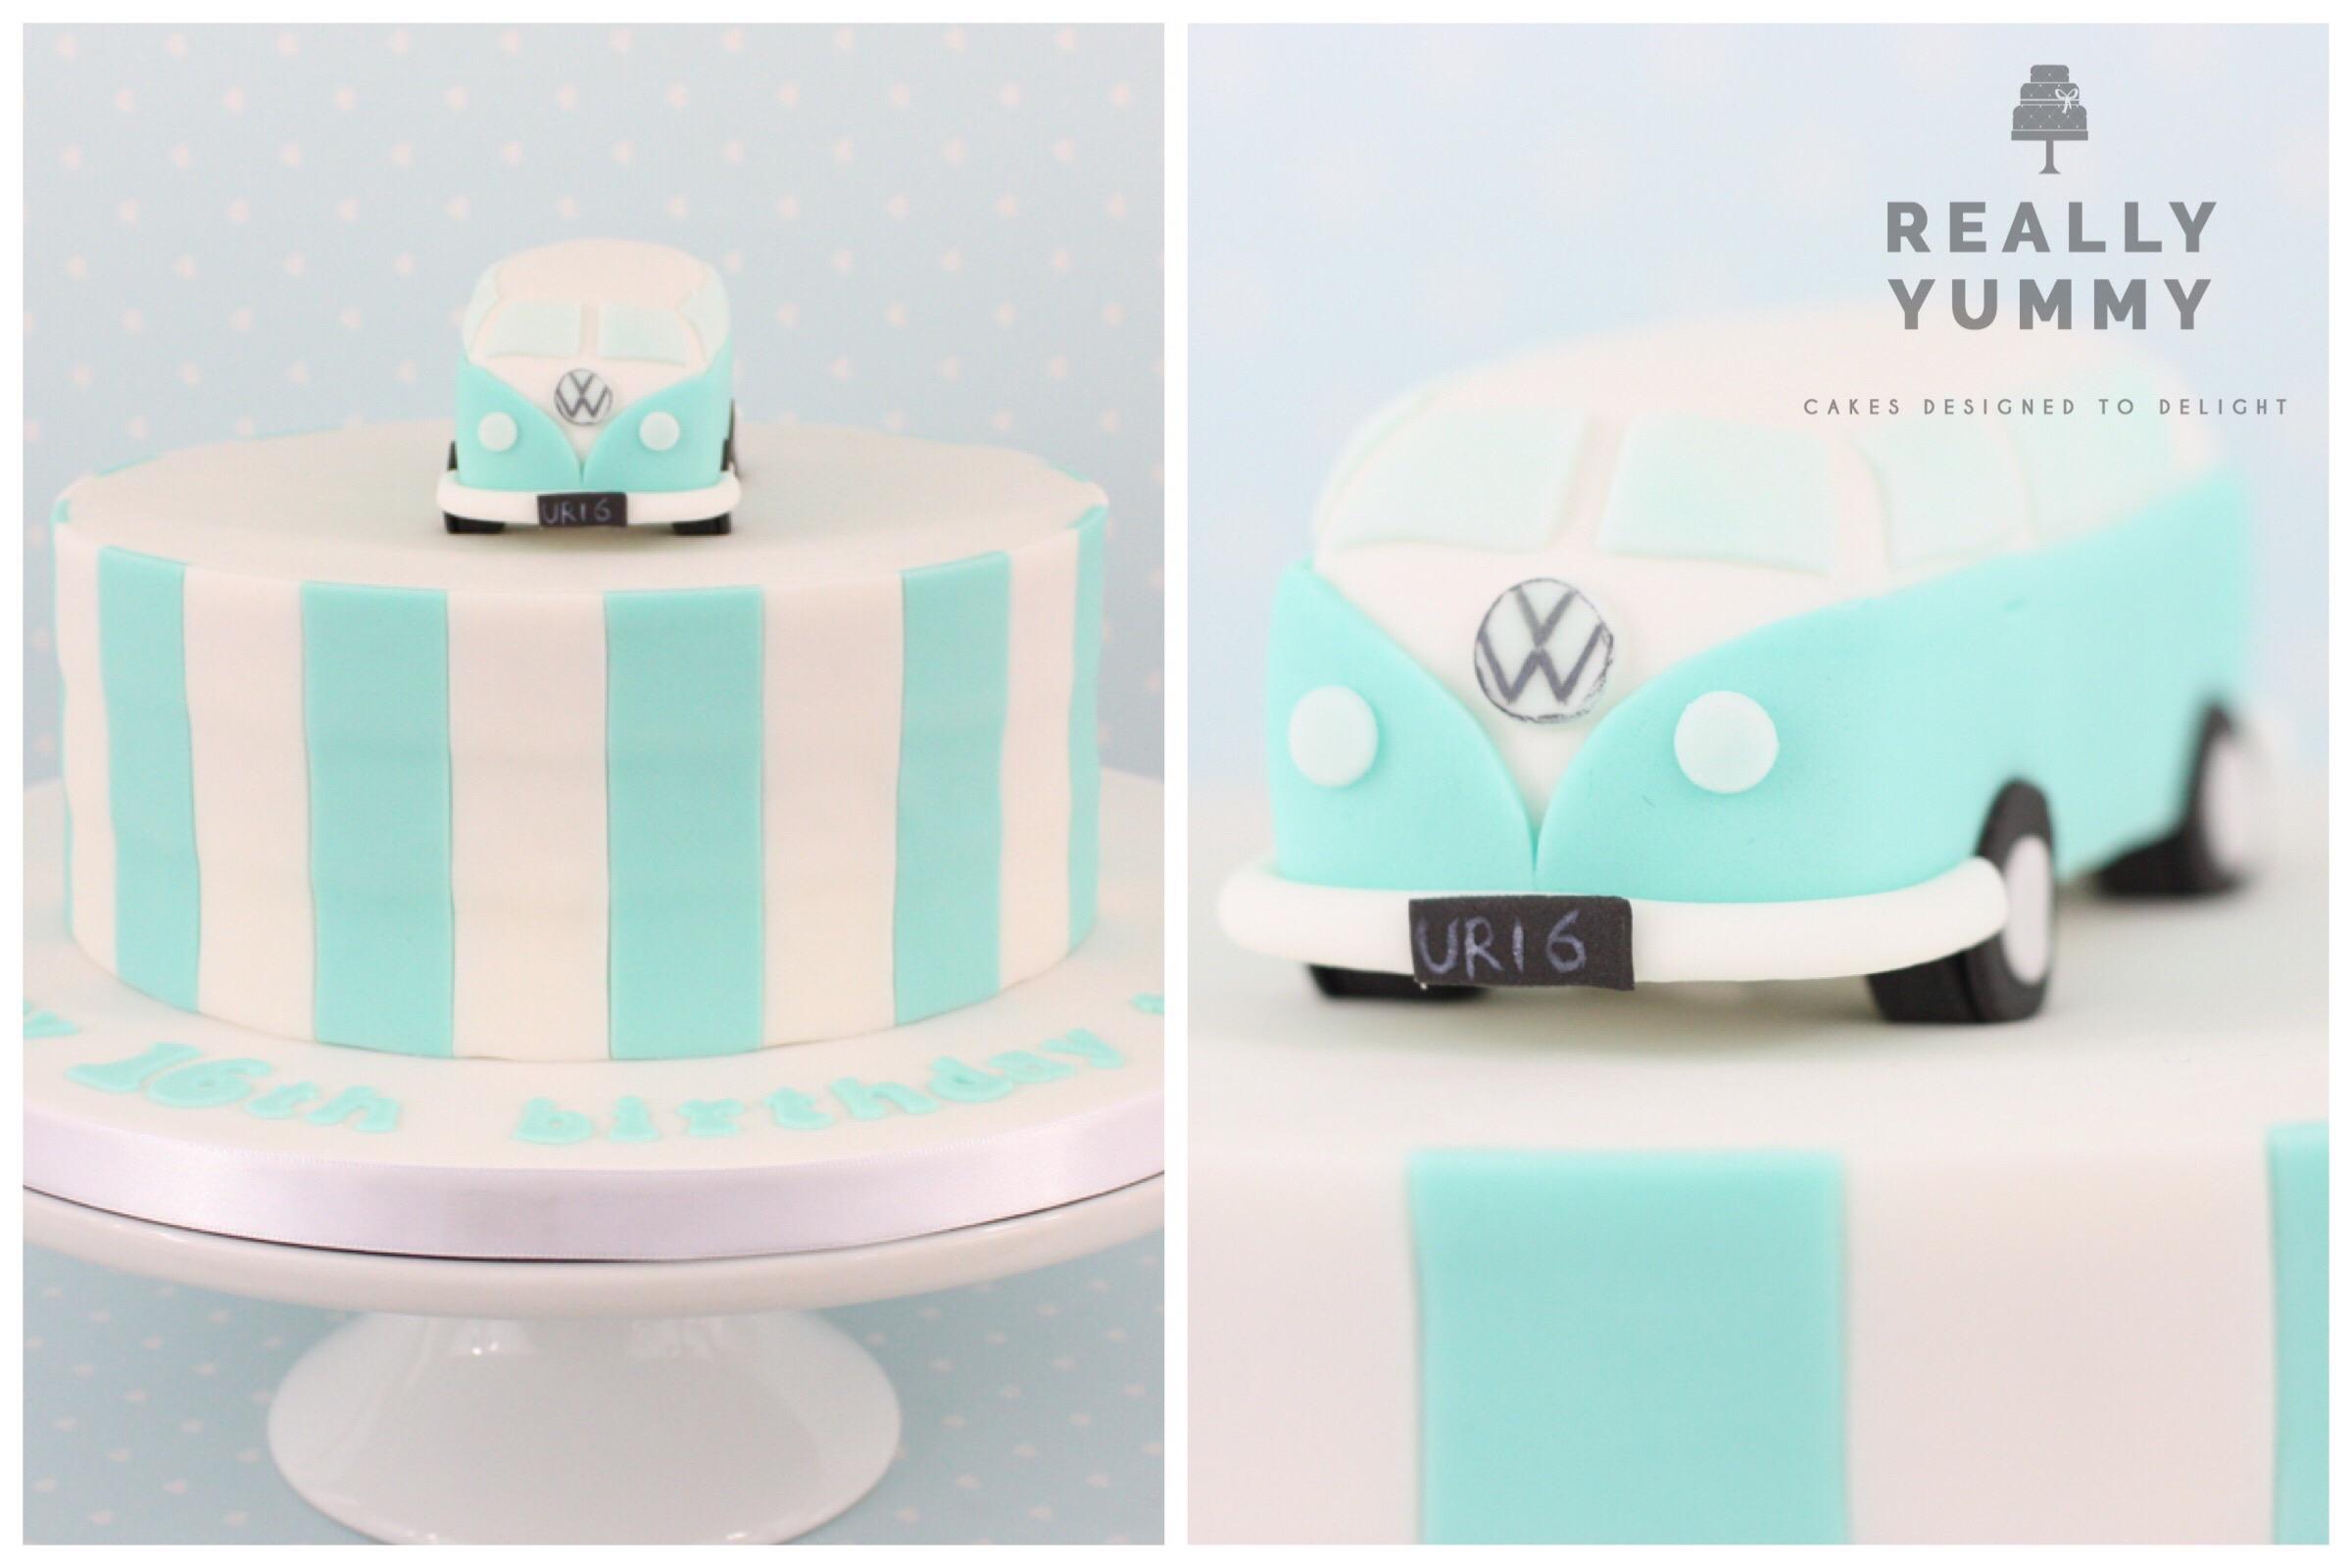 VW Camper van cake, with stripes